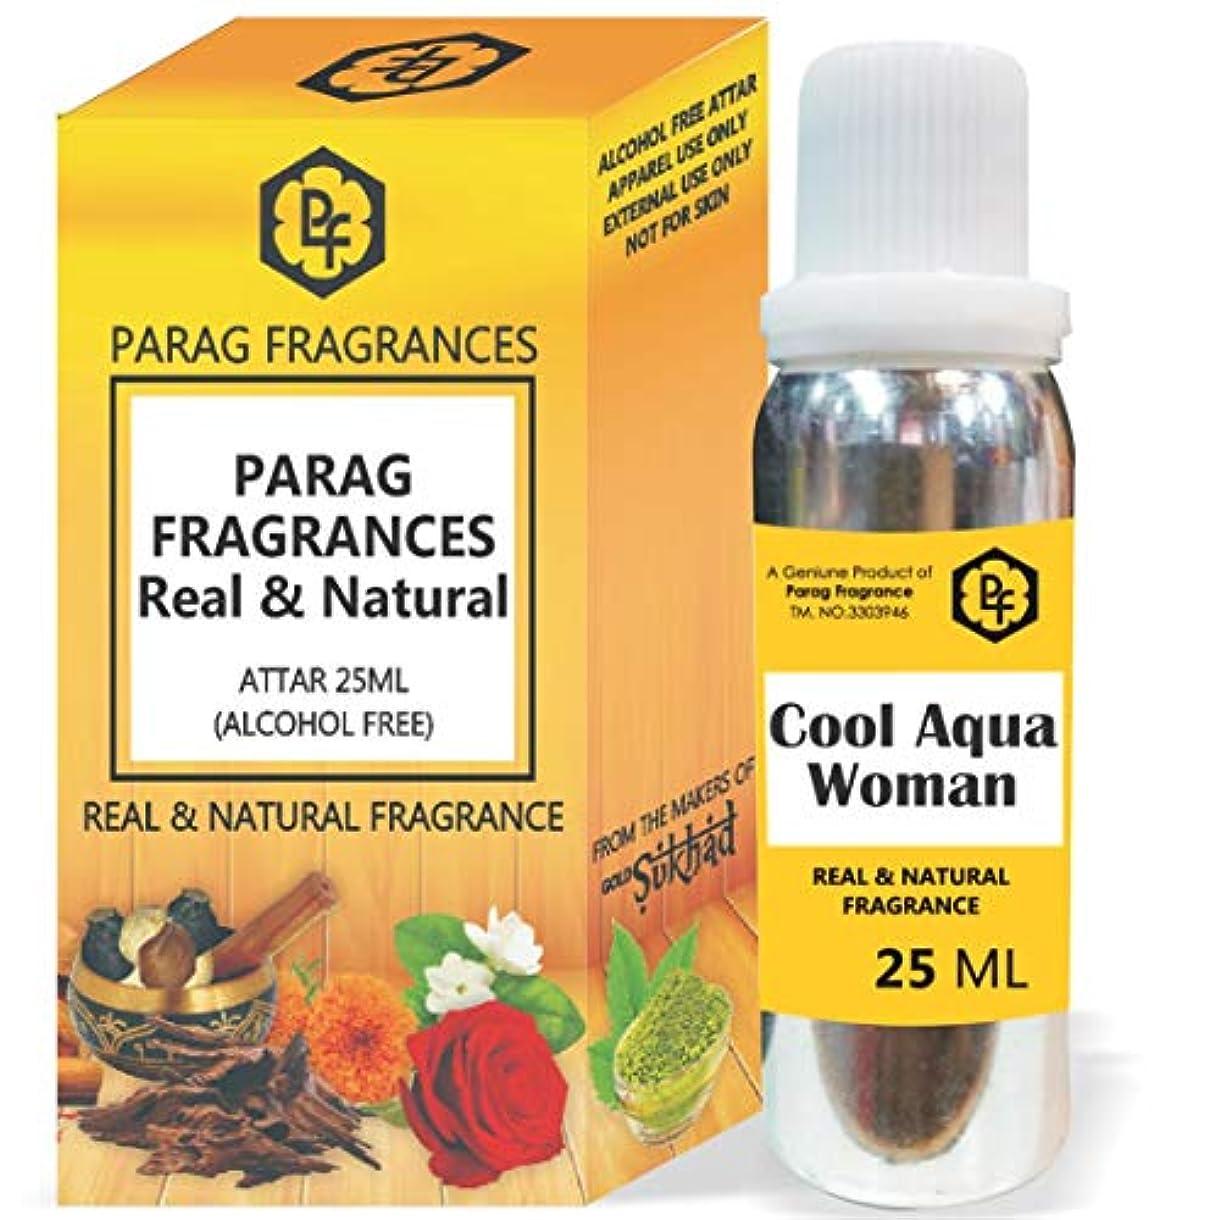 歯粒子社会Paragフレグランスは50/100/200/500パックに空き瓶(アルコールフリー、ロングラスティング、自然アター)も利用可能なファンシーでアクア女アタークール25ML